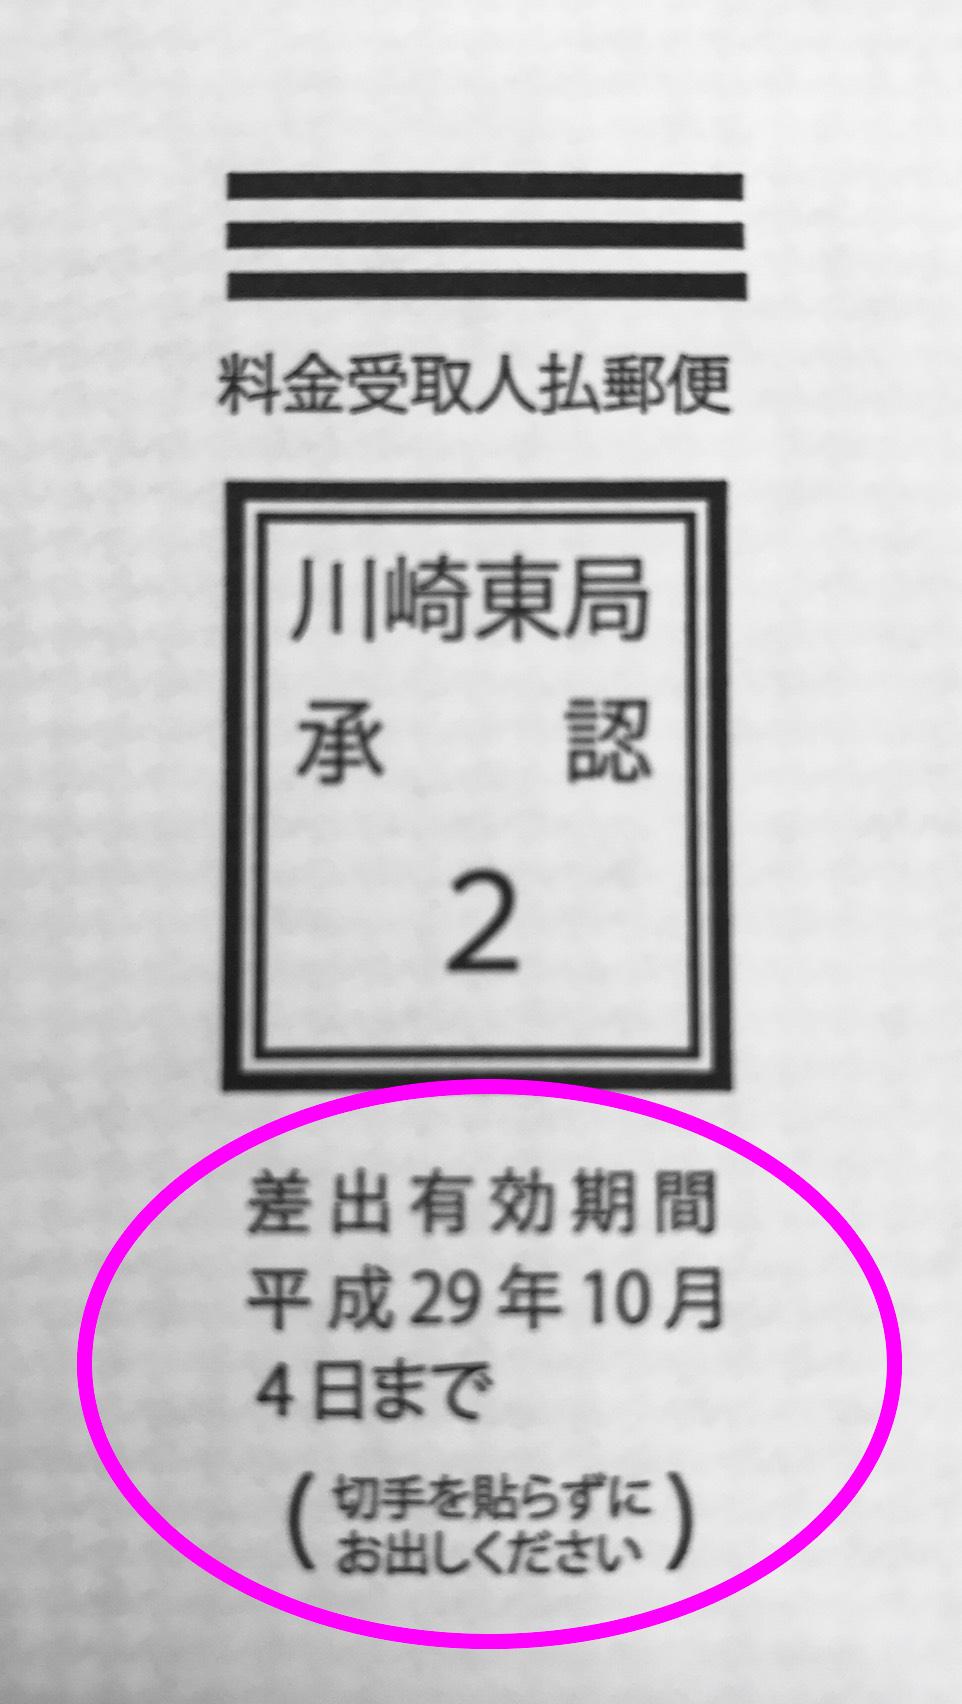 ナンバーカード 点字 マイ マイナンバーカードの申請と交付について